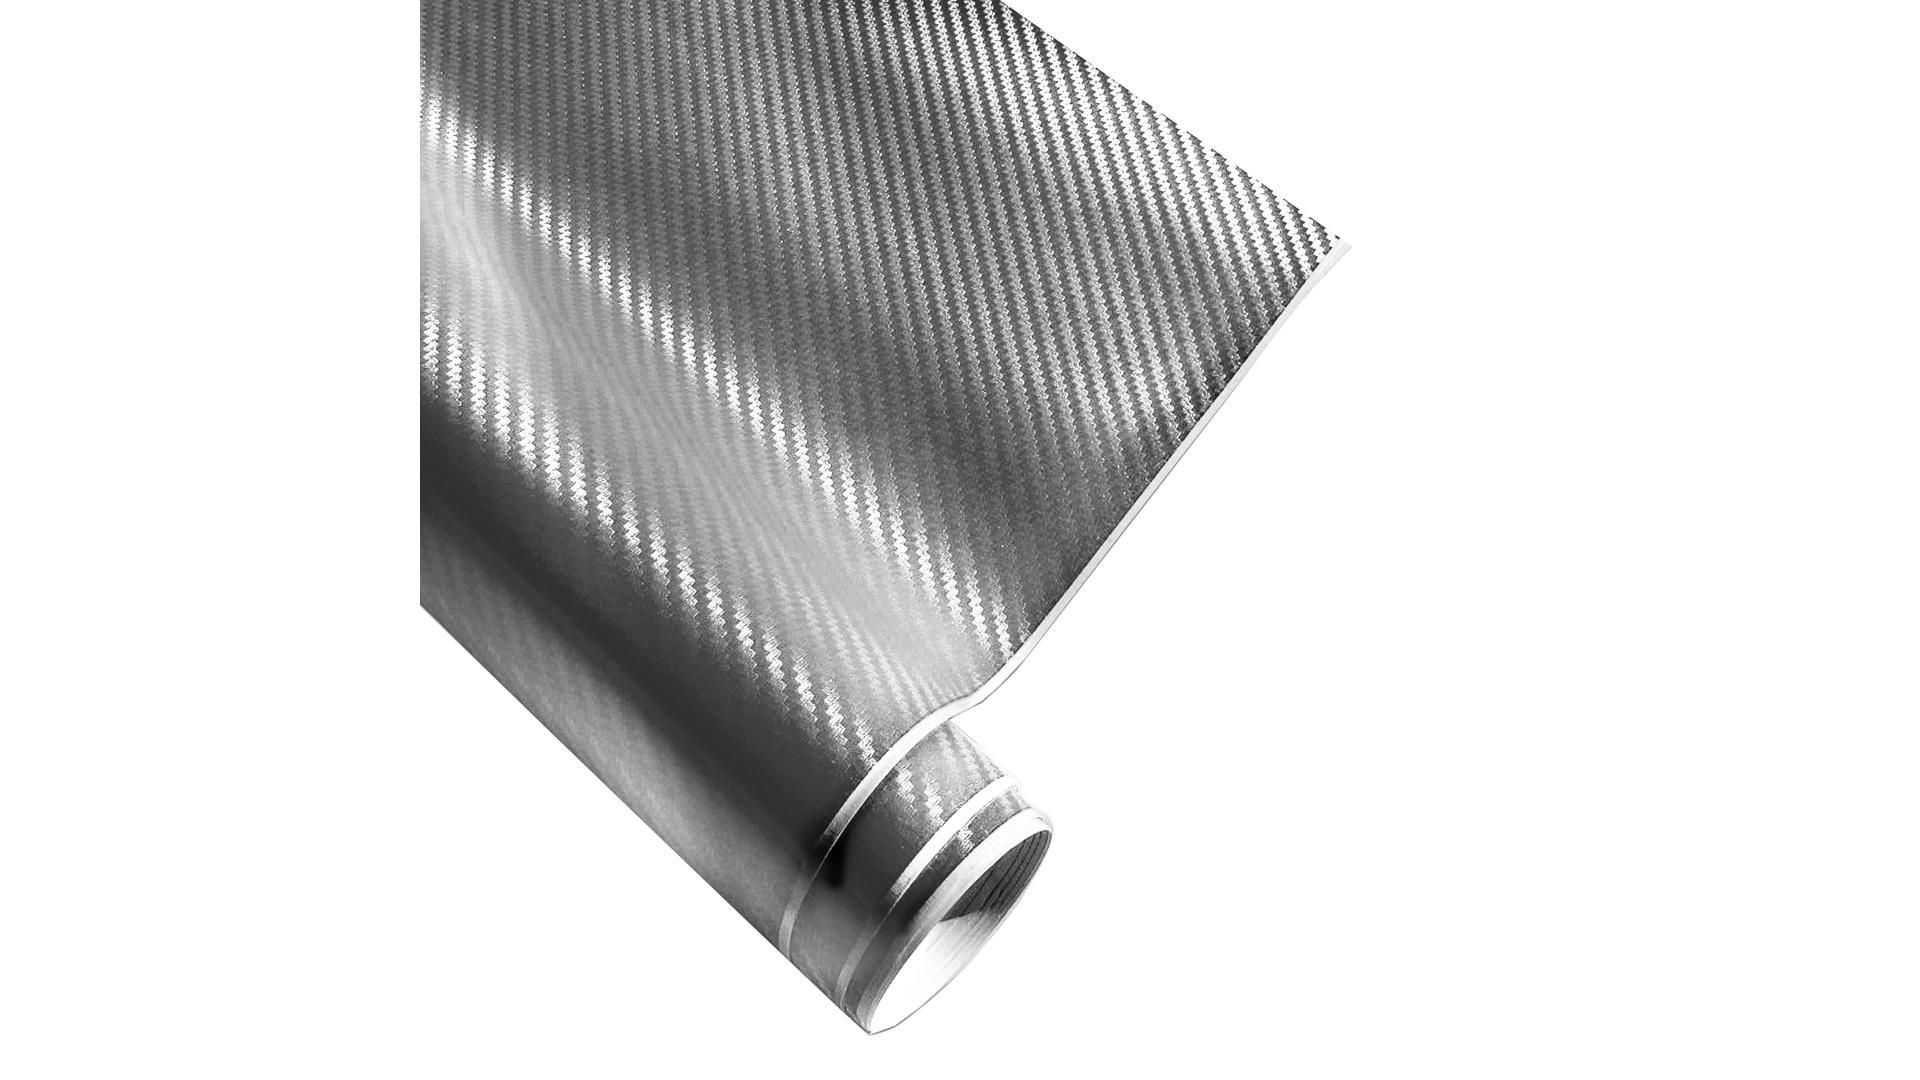 4CARS Fólie 3D CARBON Stříbrná 1.52x1m